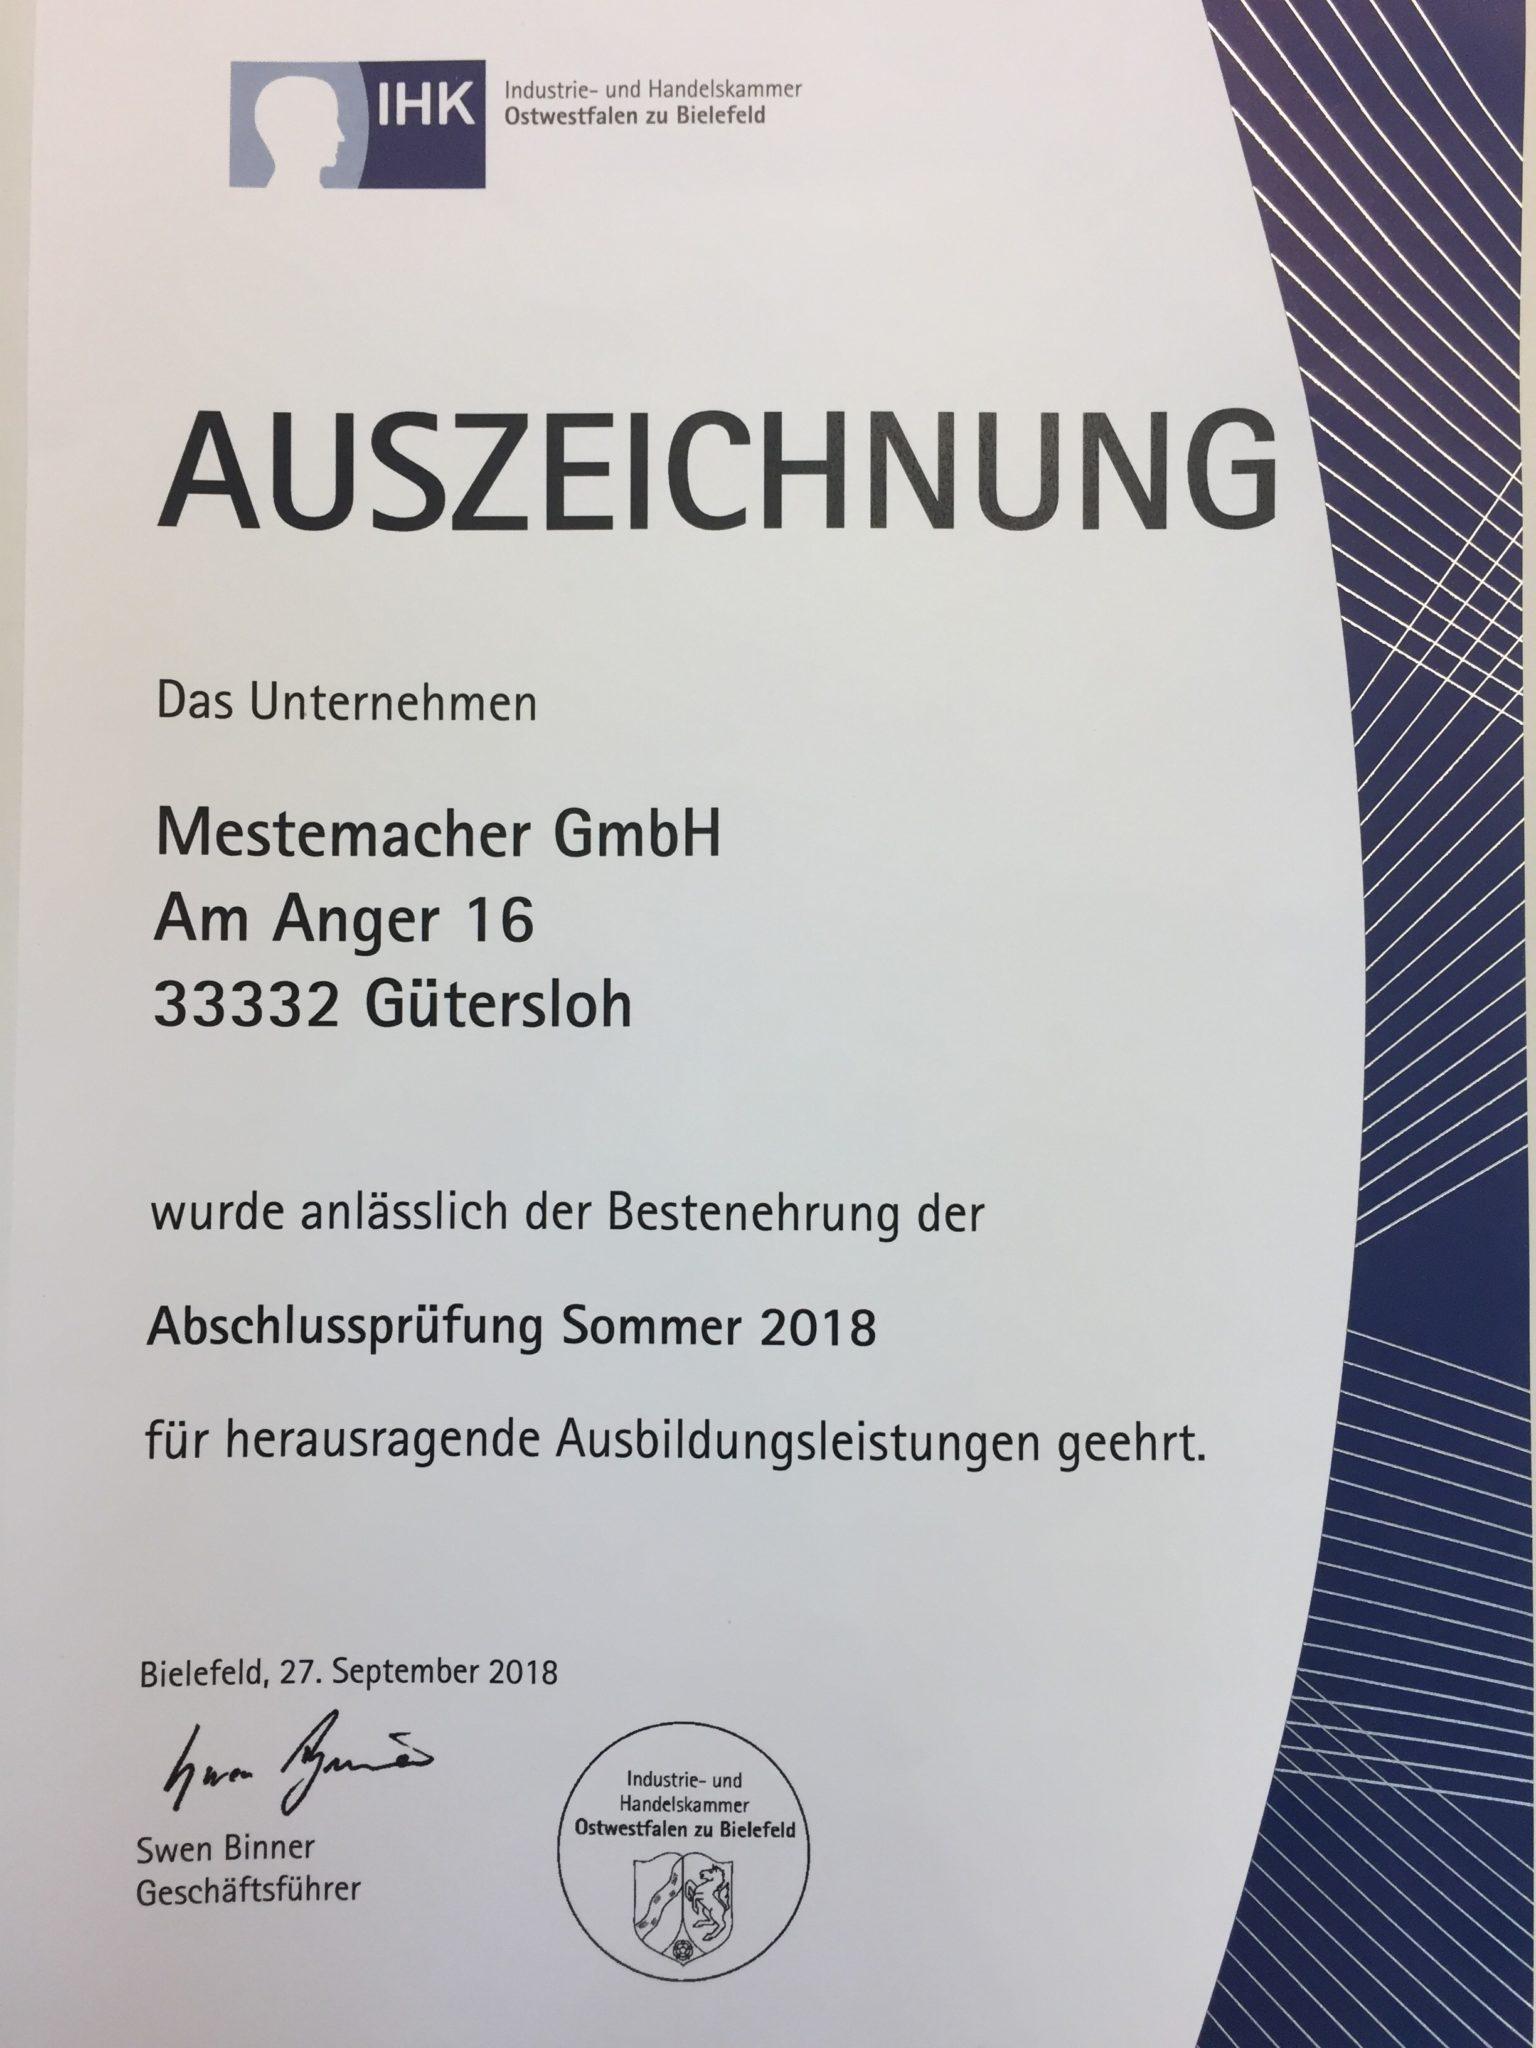 Auszeichnung für herausragende Ausbildungsleistungen